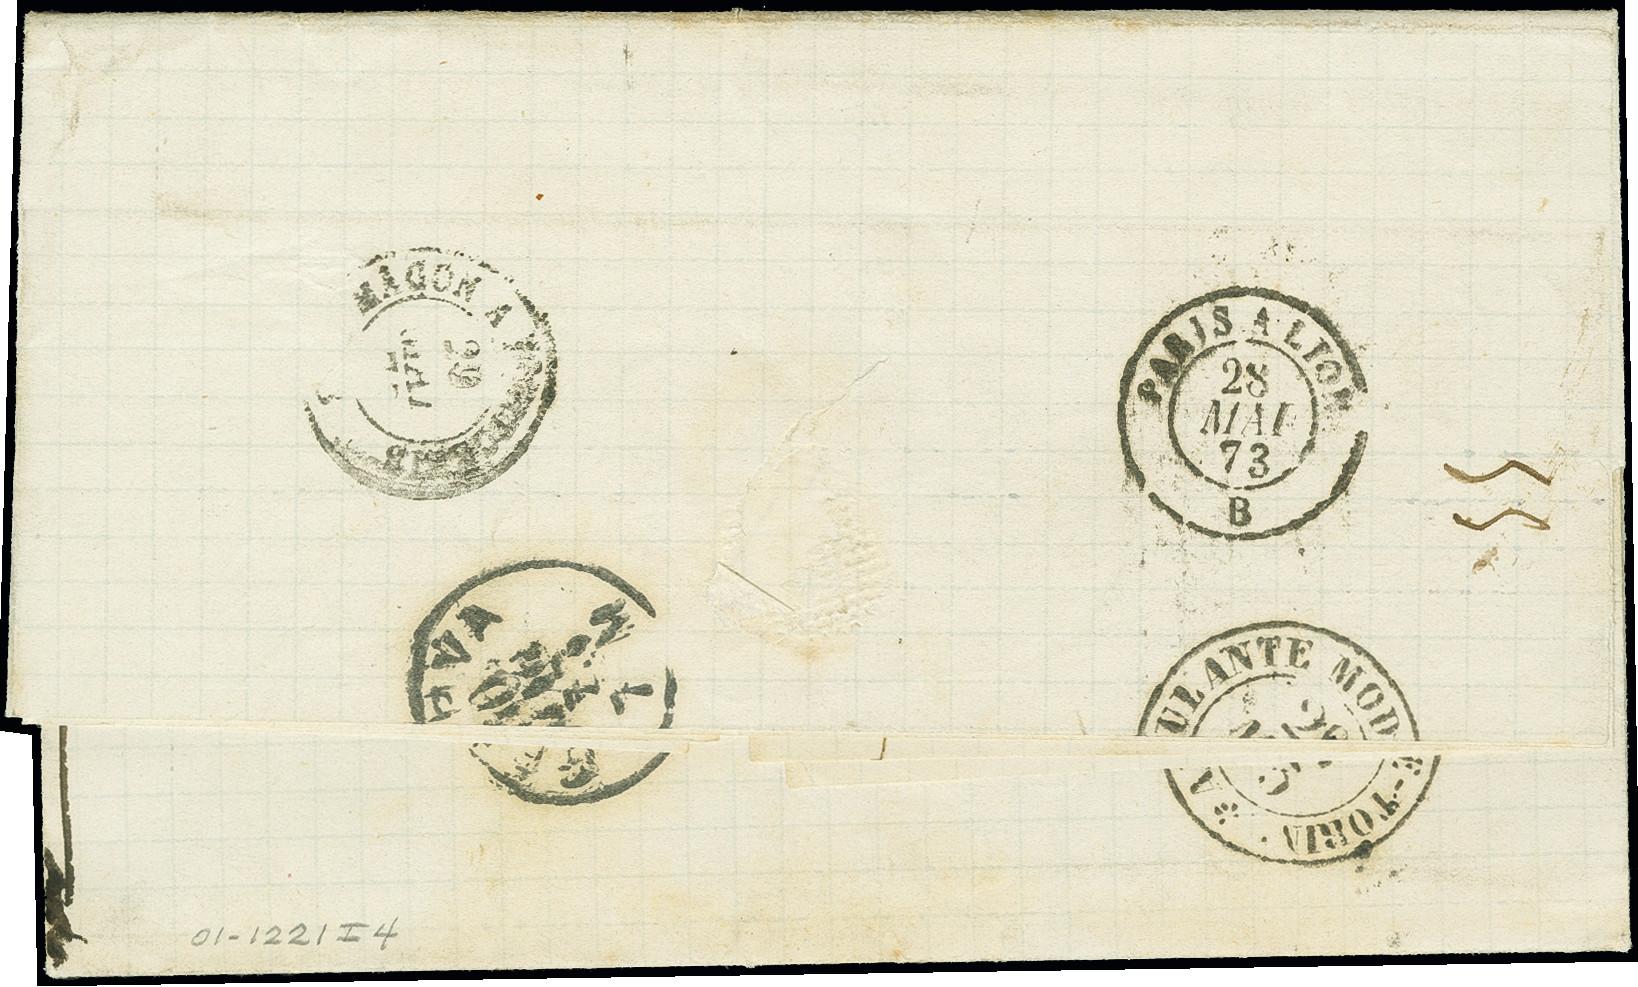 Lot 414 - dutch colonies curacao -  Heinrich Koehler Auktionen Auction #368- Day 1